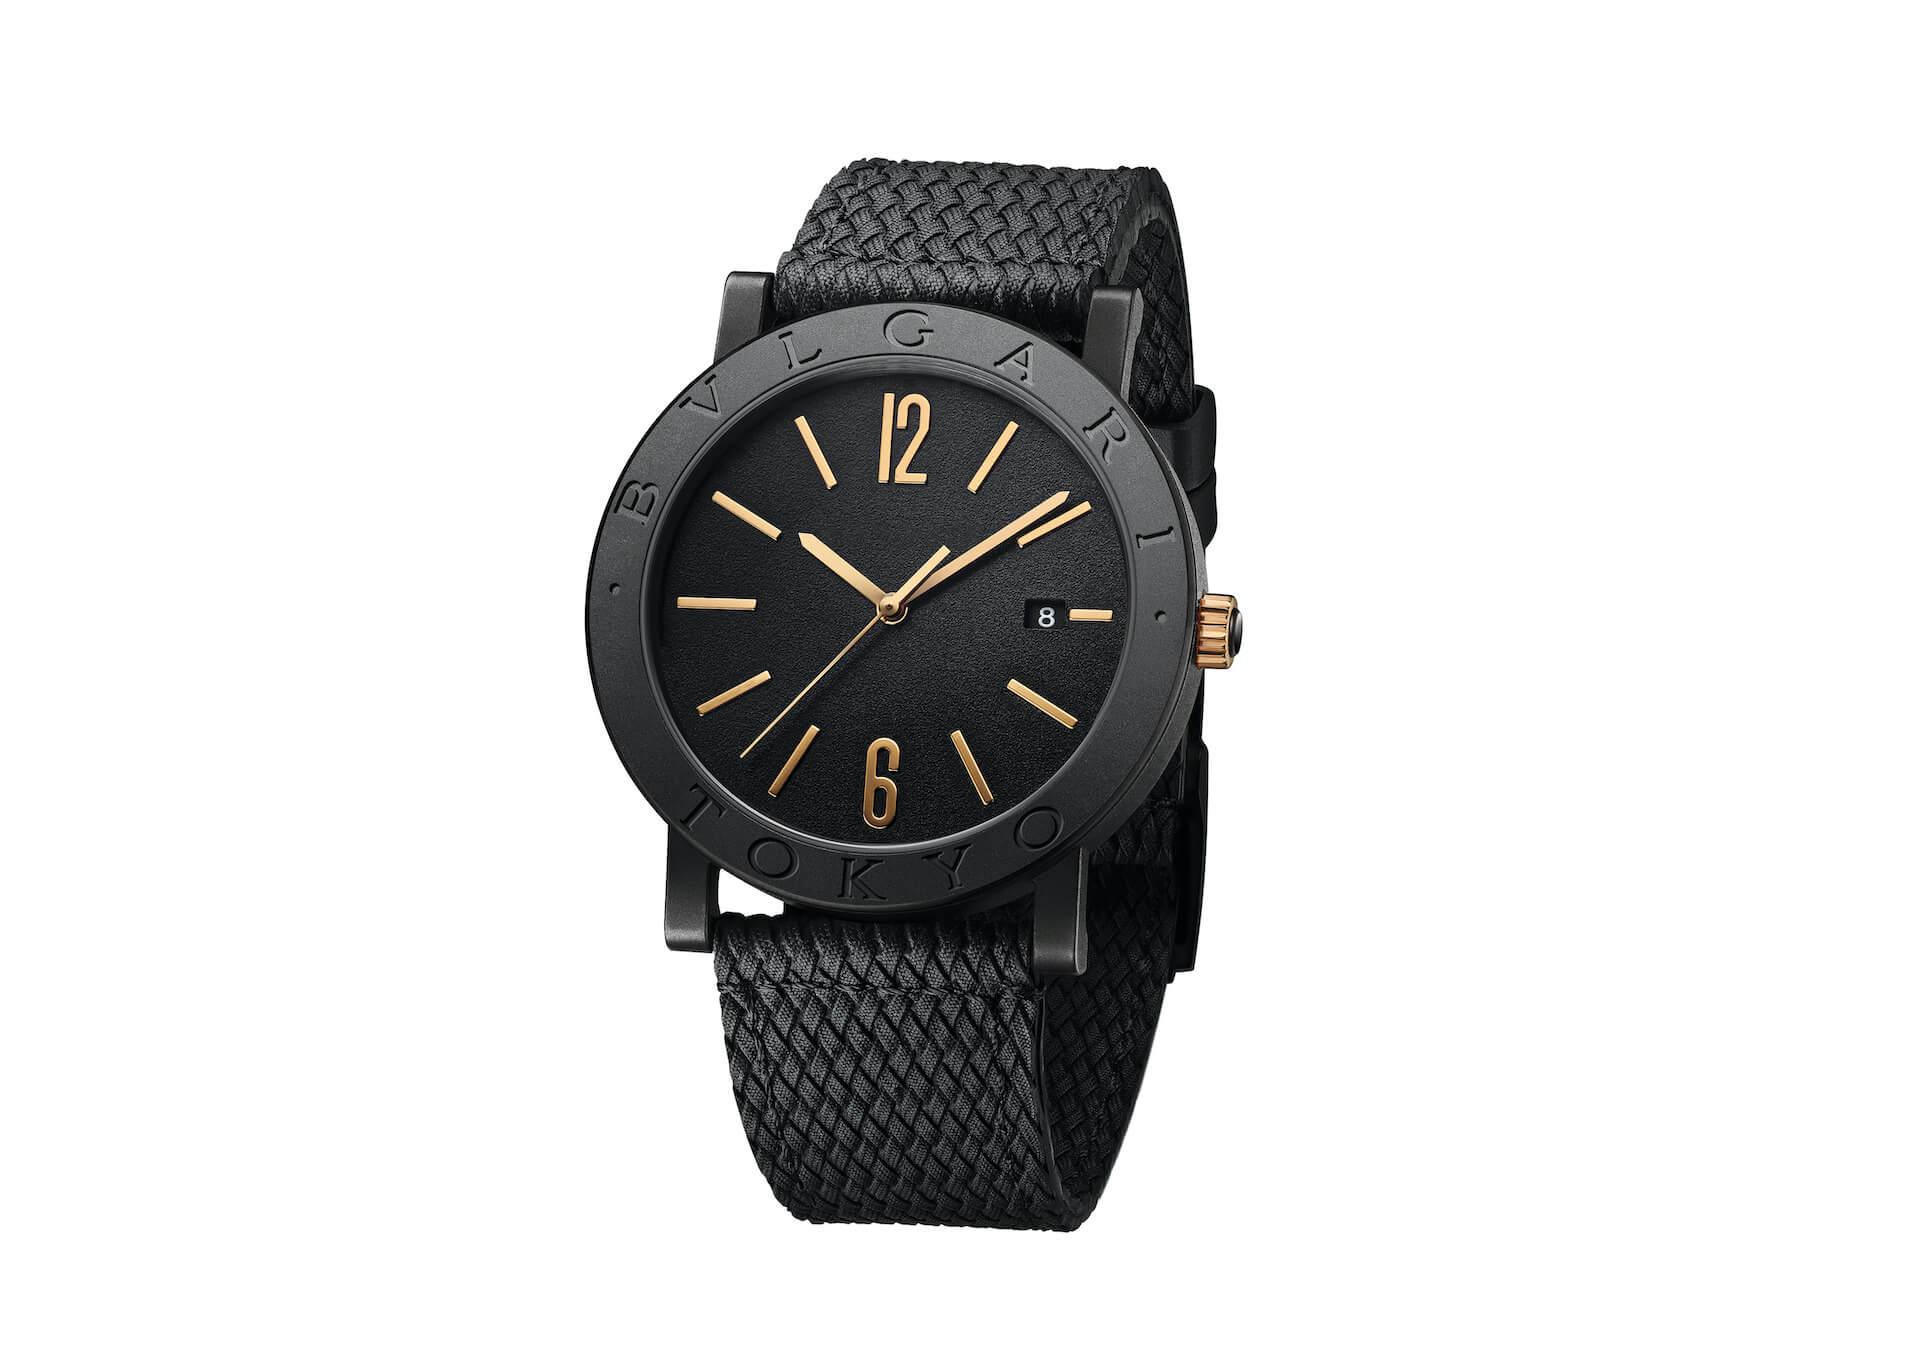 BVLGARIから腕時計「シティーズ限定モデル 2020」よりTOKYOモデルが先行発売決定!アートプリントが付属 lf200702_bvlgari_tokyowatch_02